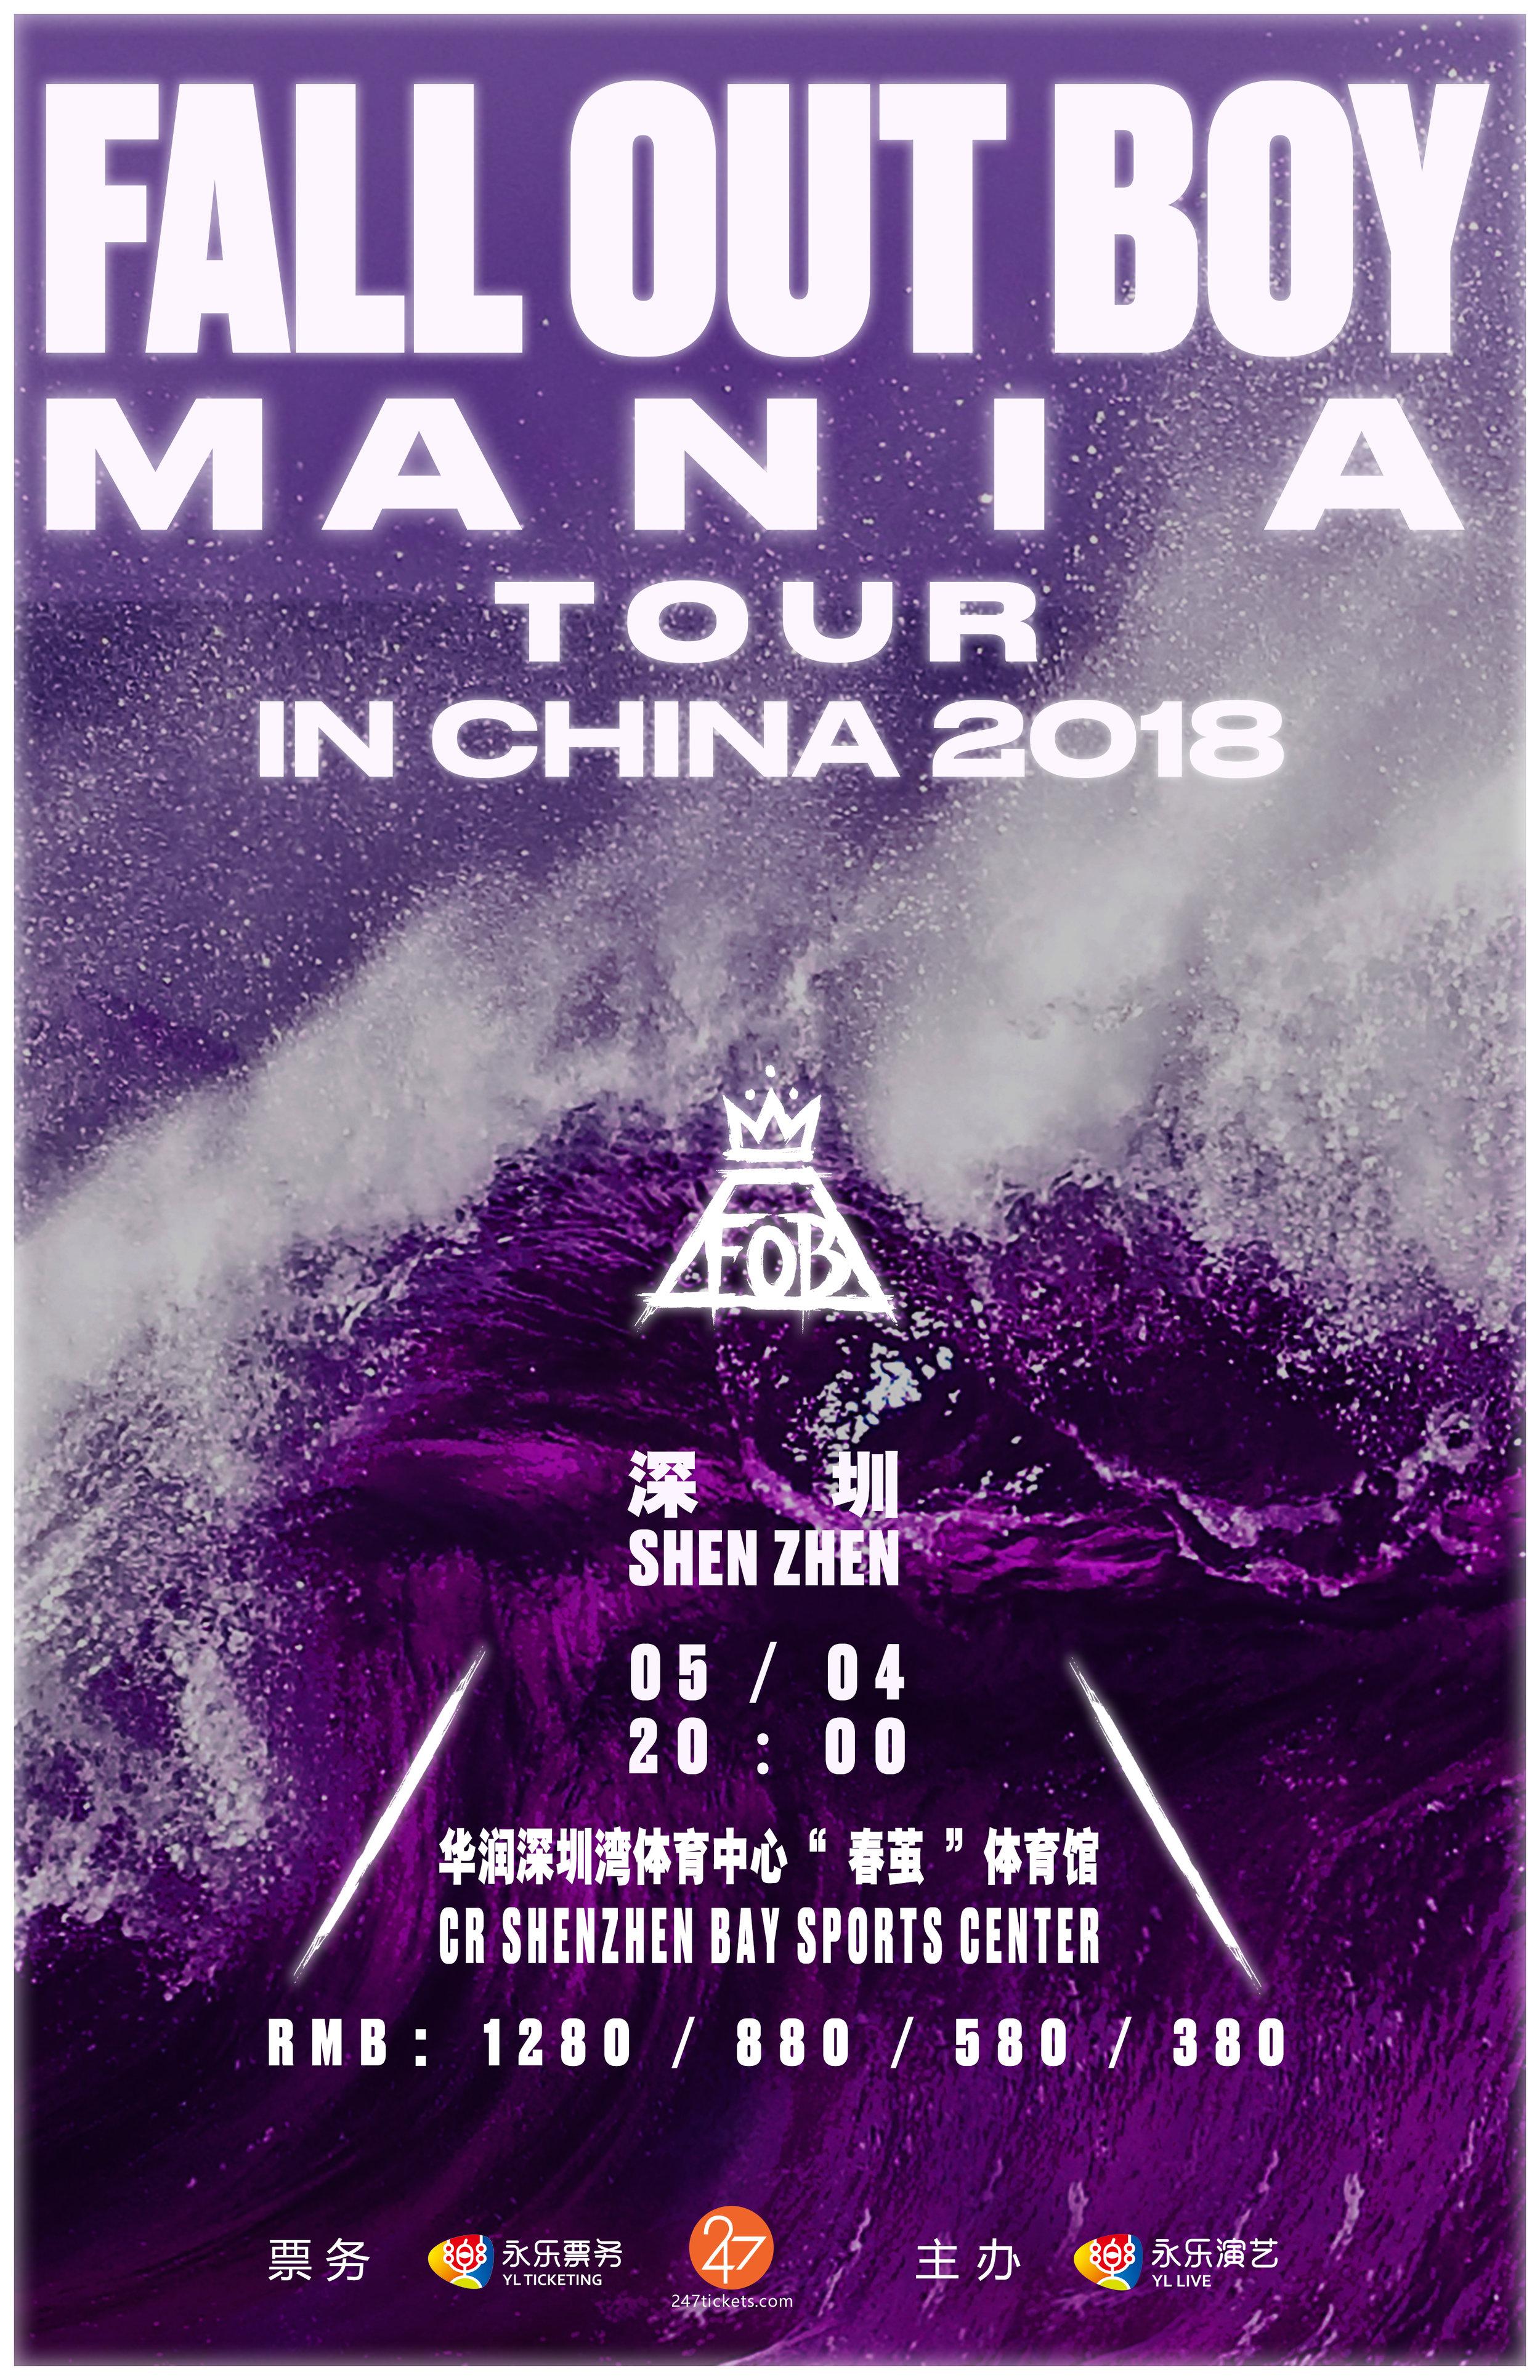 FOB-MANIA CHINA SHENZHEN (1) (1).jpg